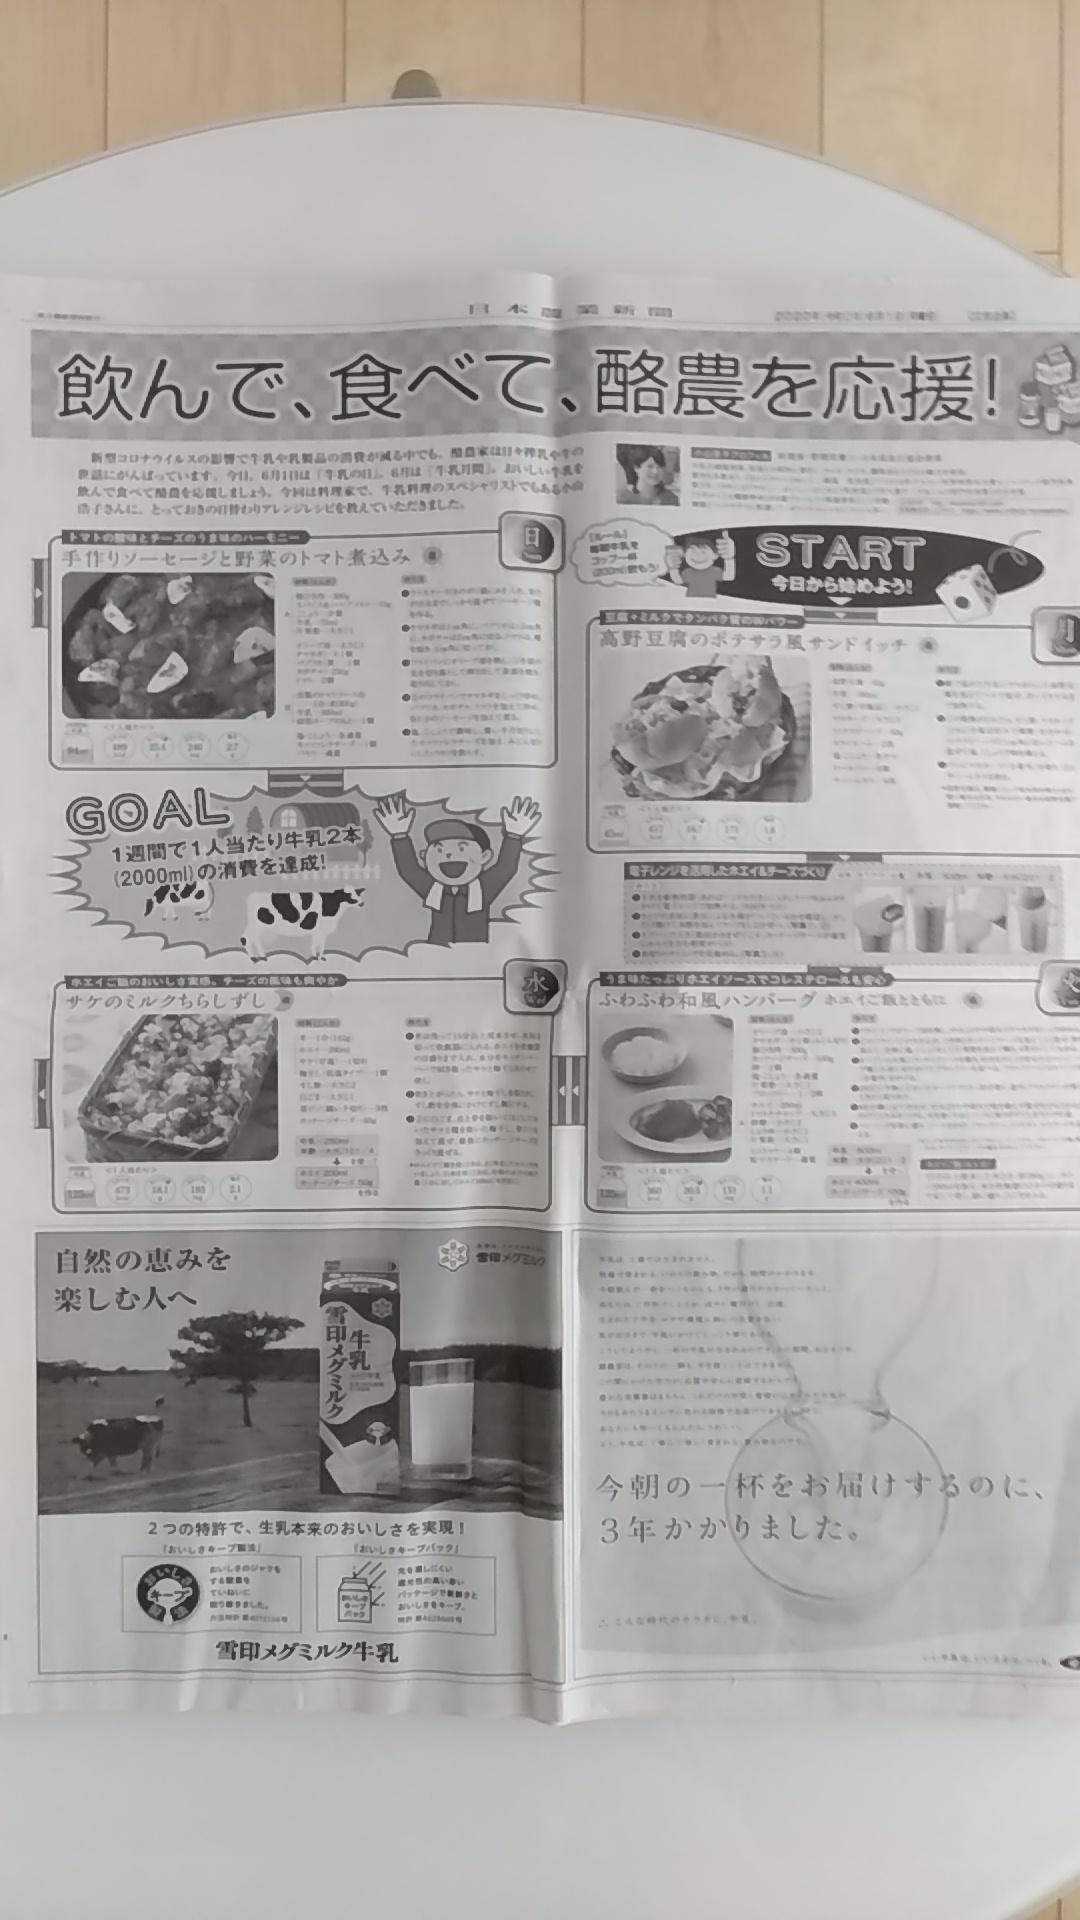 農業新聞掲載@牛乳の日 ミルクレシピ、沢山ご紹介させて頂きました(^^♪_b0204930_19072737.jpg